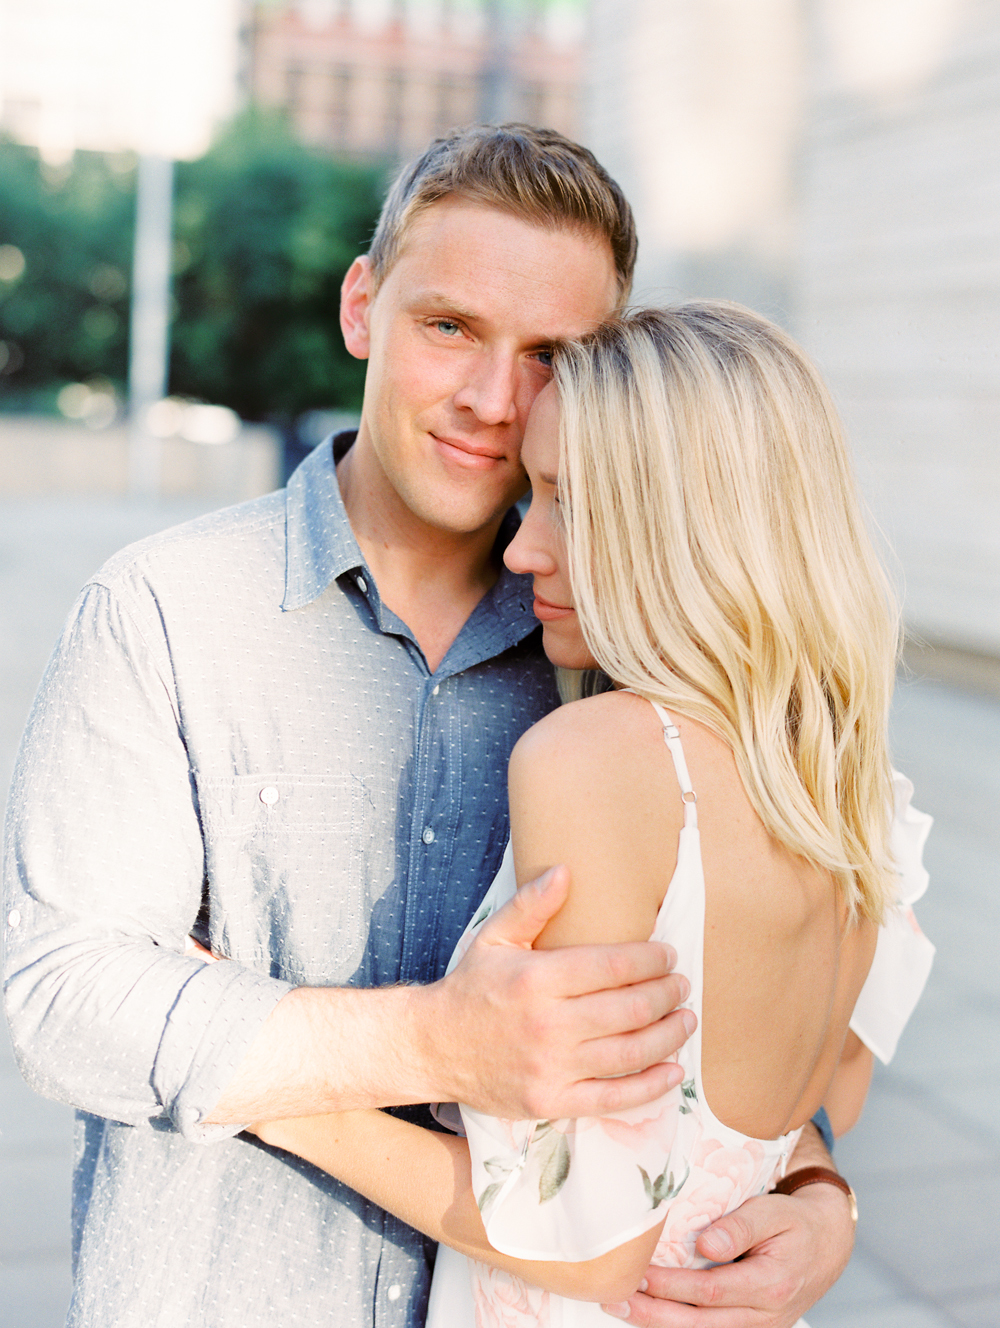 Best-Austin-Denver-California-Wedding-Photographers-fine-art-film-Engagement-Session-64.jpg